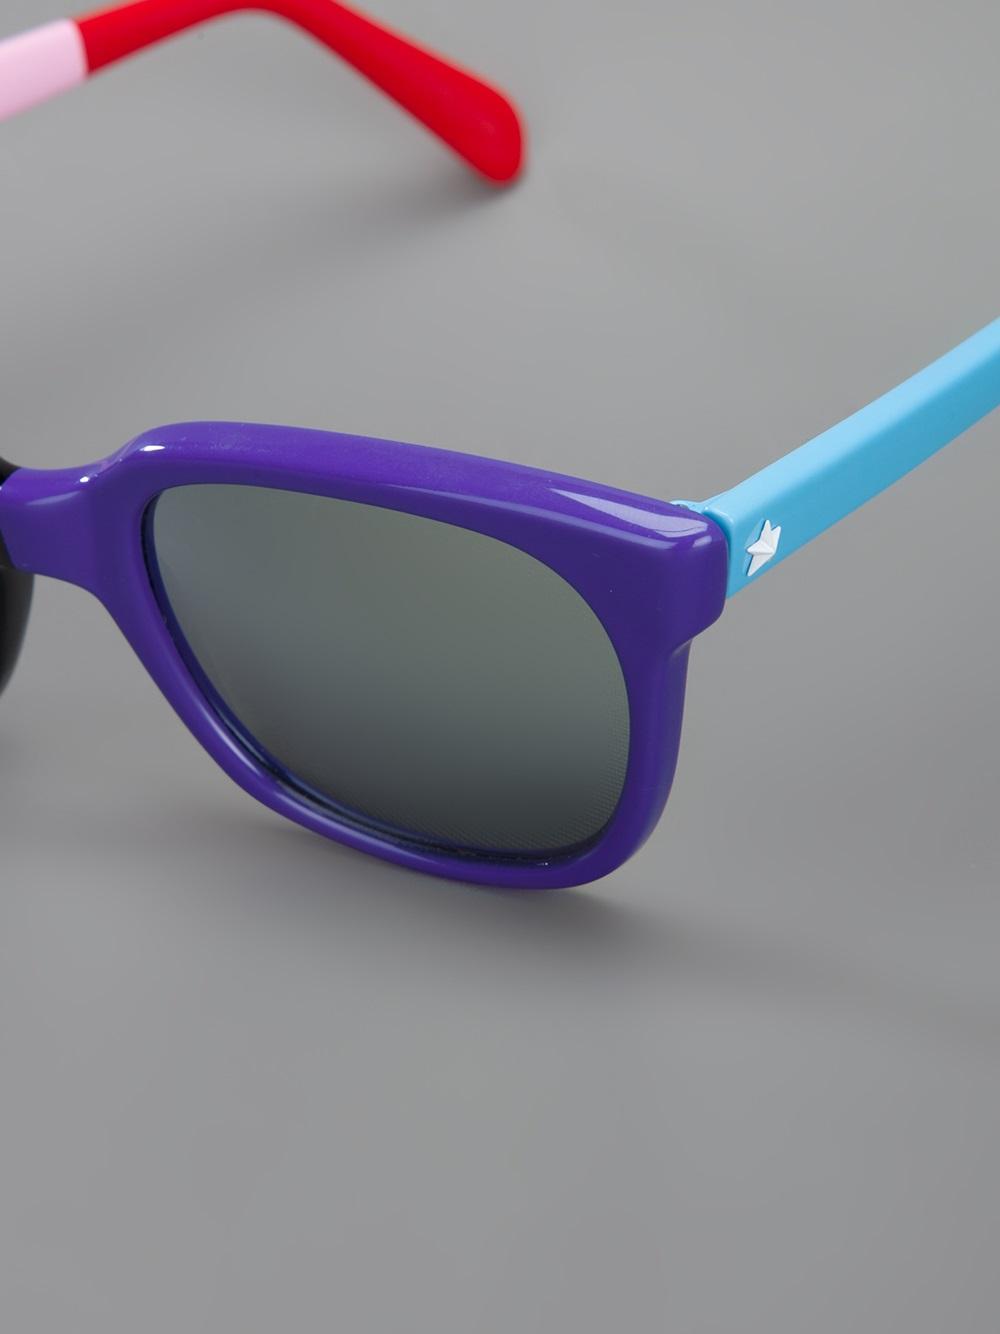 Sheriff & Cherry G11 Olimpic Rock Sunglasses for Men